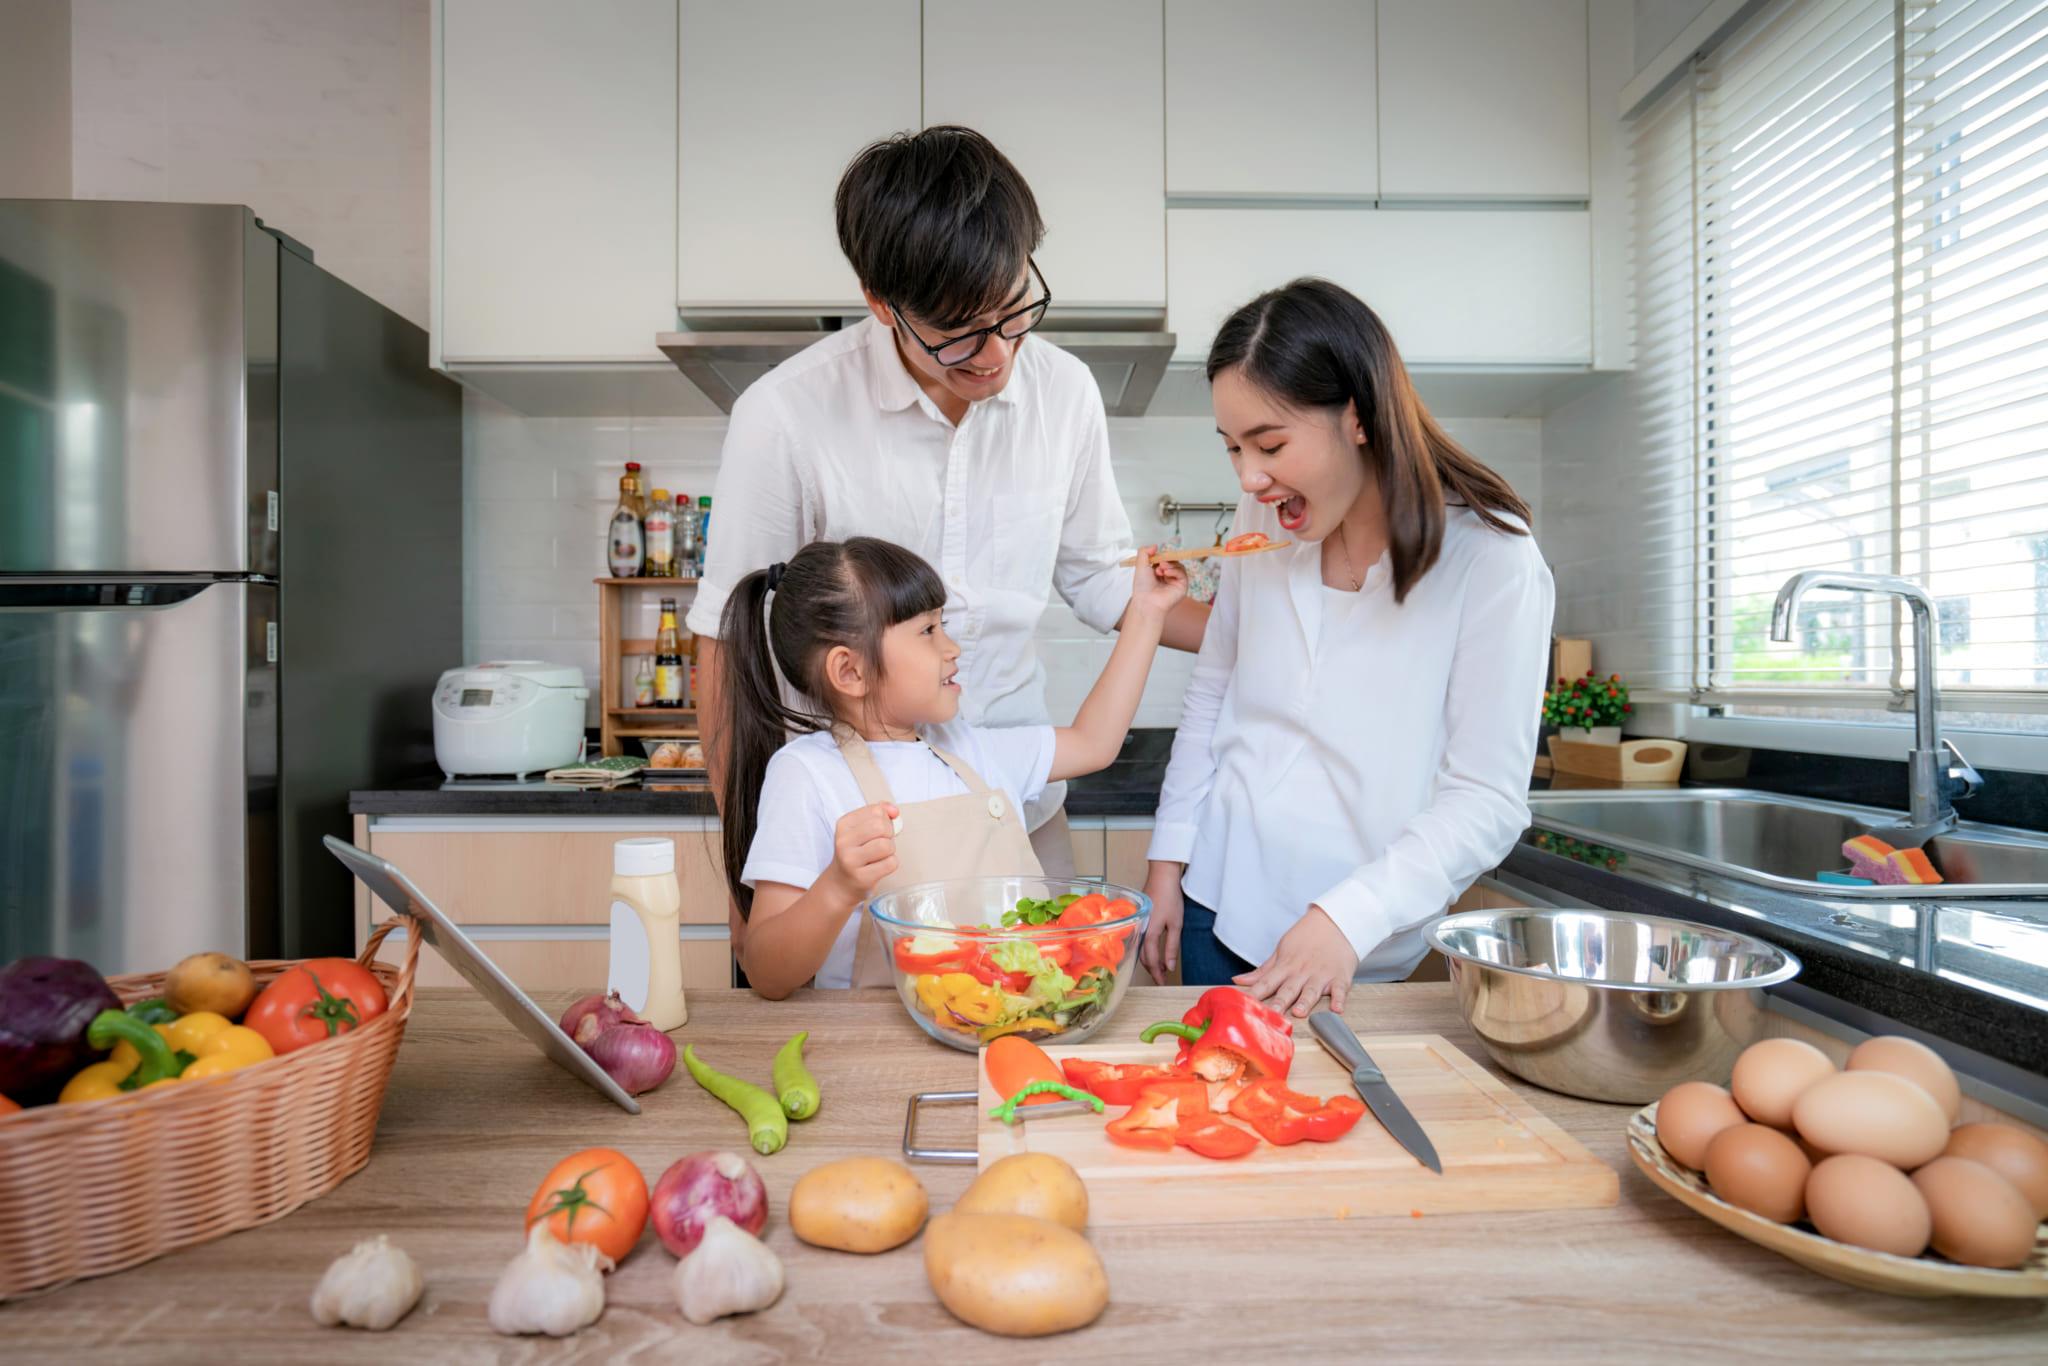 Thay đổi thói quen ăn uống mùa bệnh vi-rút corona để đảm bảo an toàn cho bản thân và gia đình